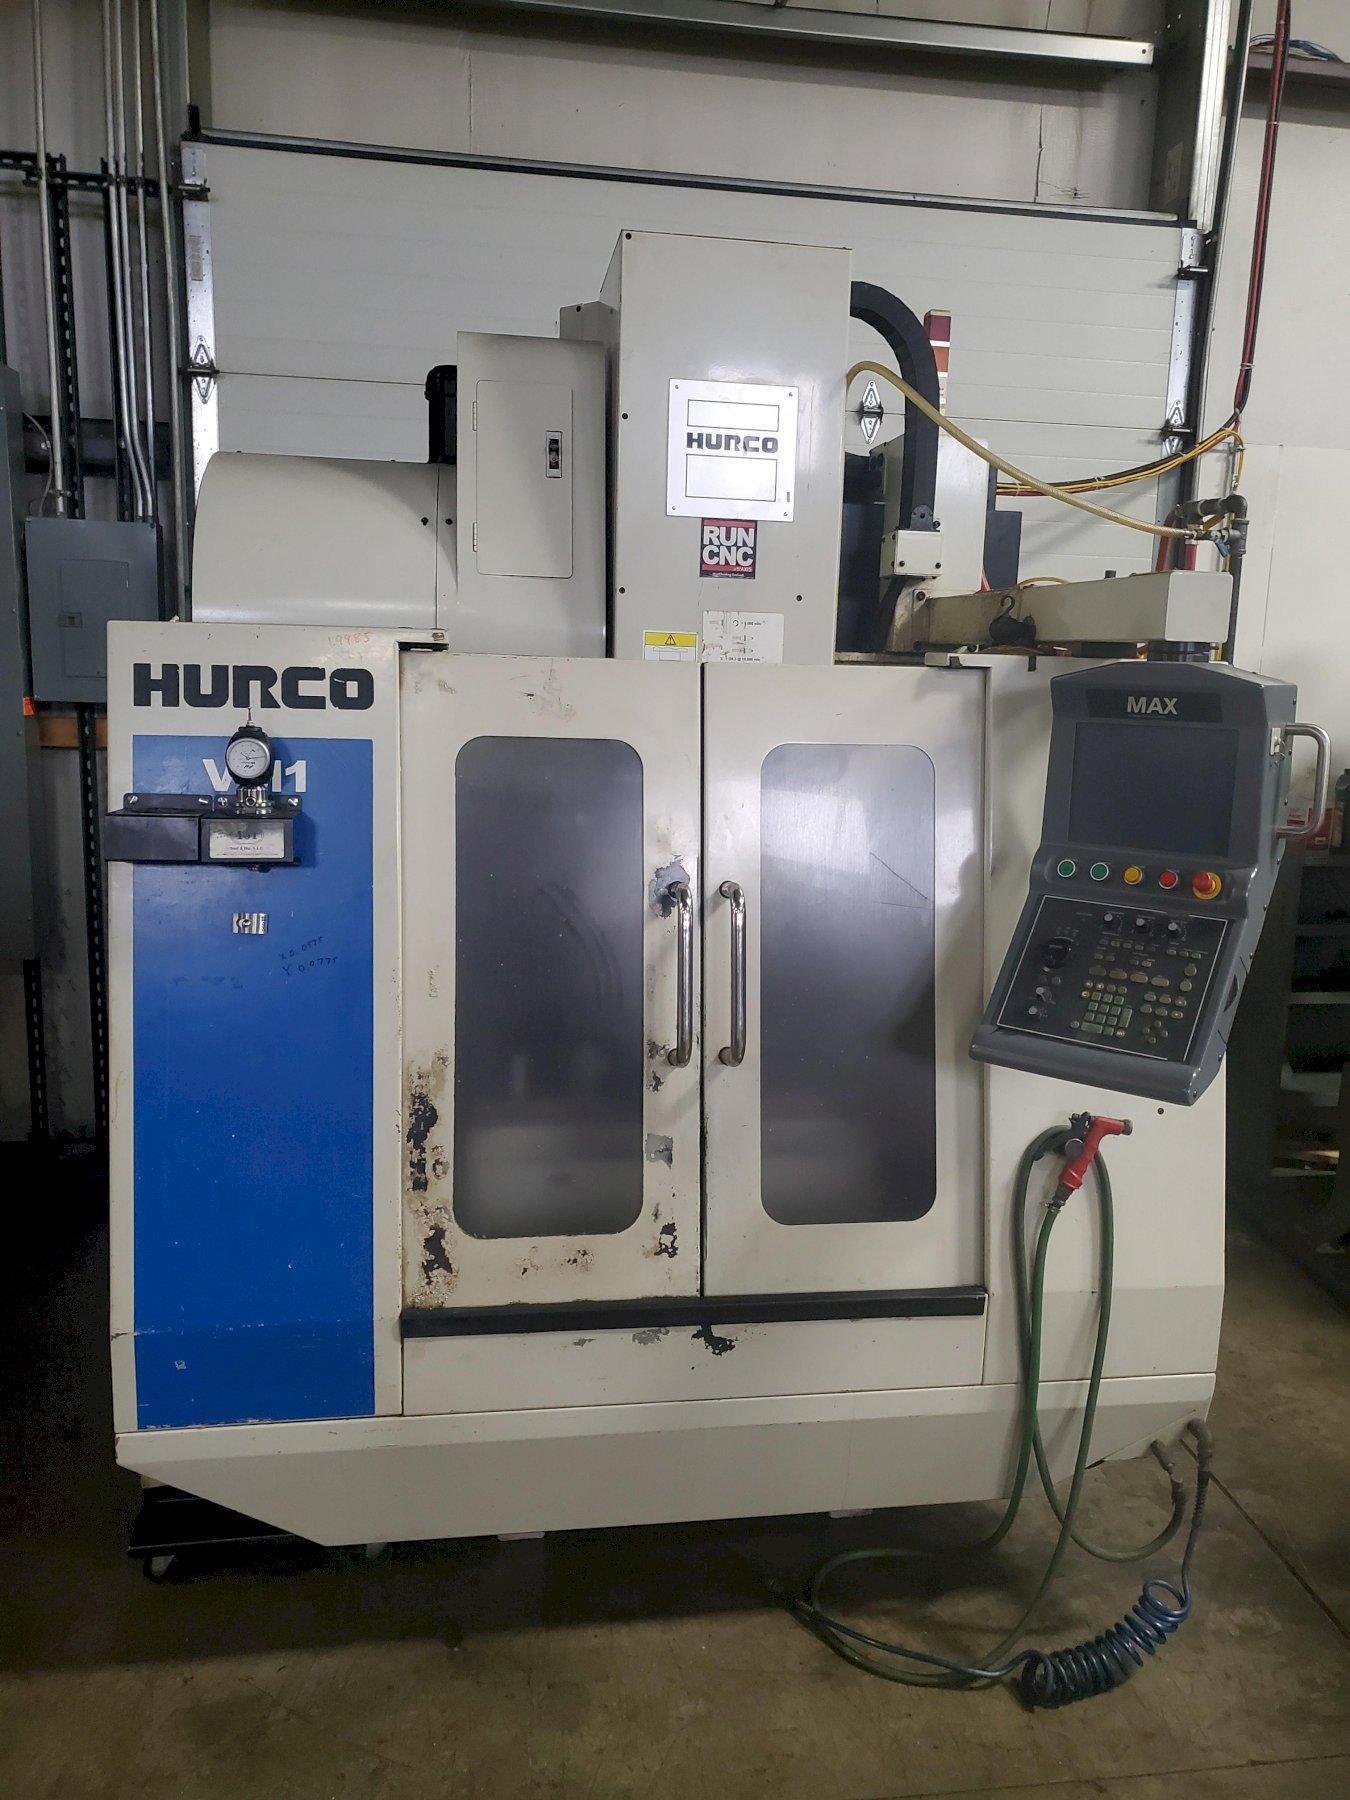 2007 HURCO VM1 VERTICAL MACHINING CENTER